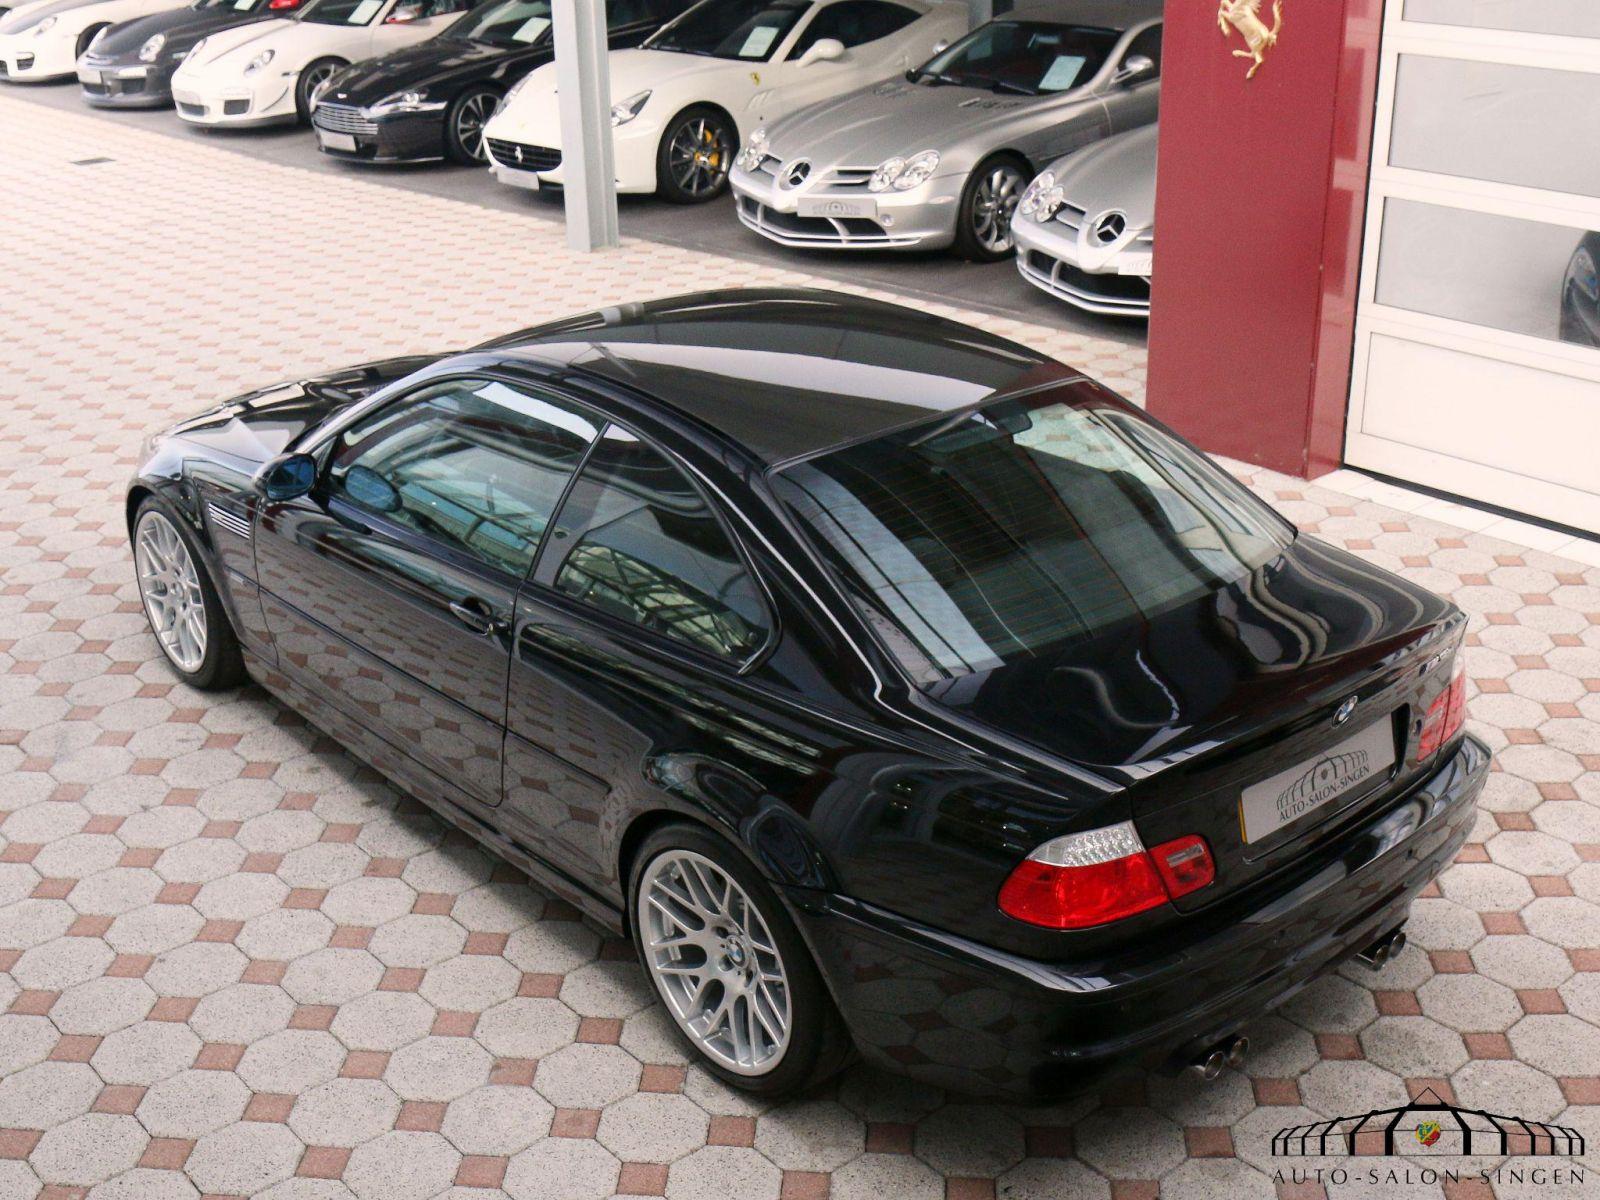 Bmw M3 Csl Coupe Auto Salon Singen